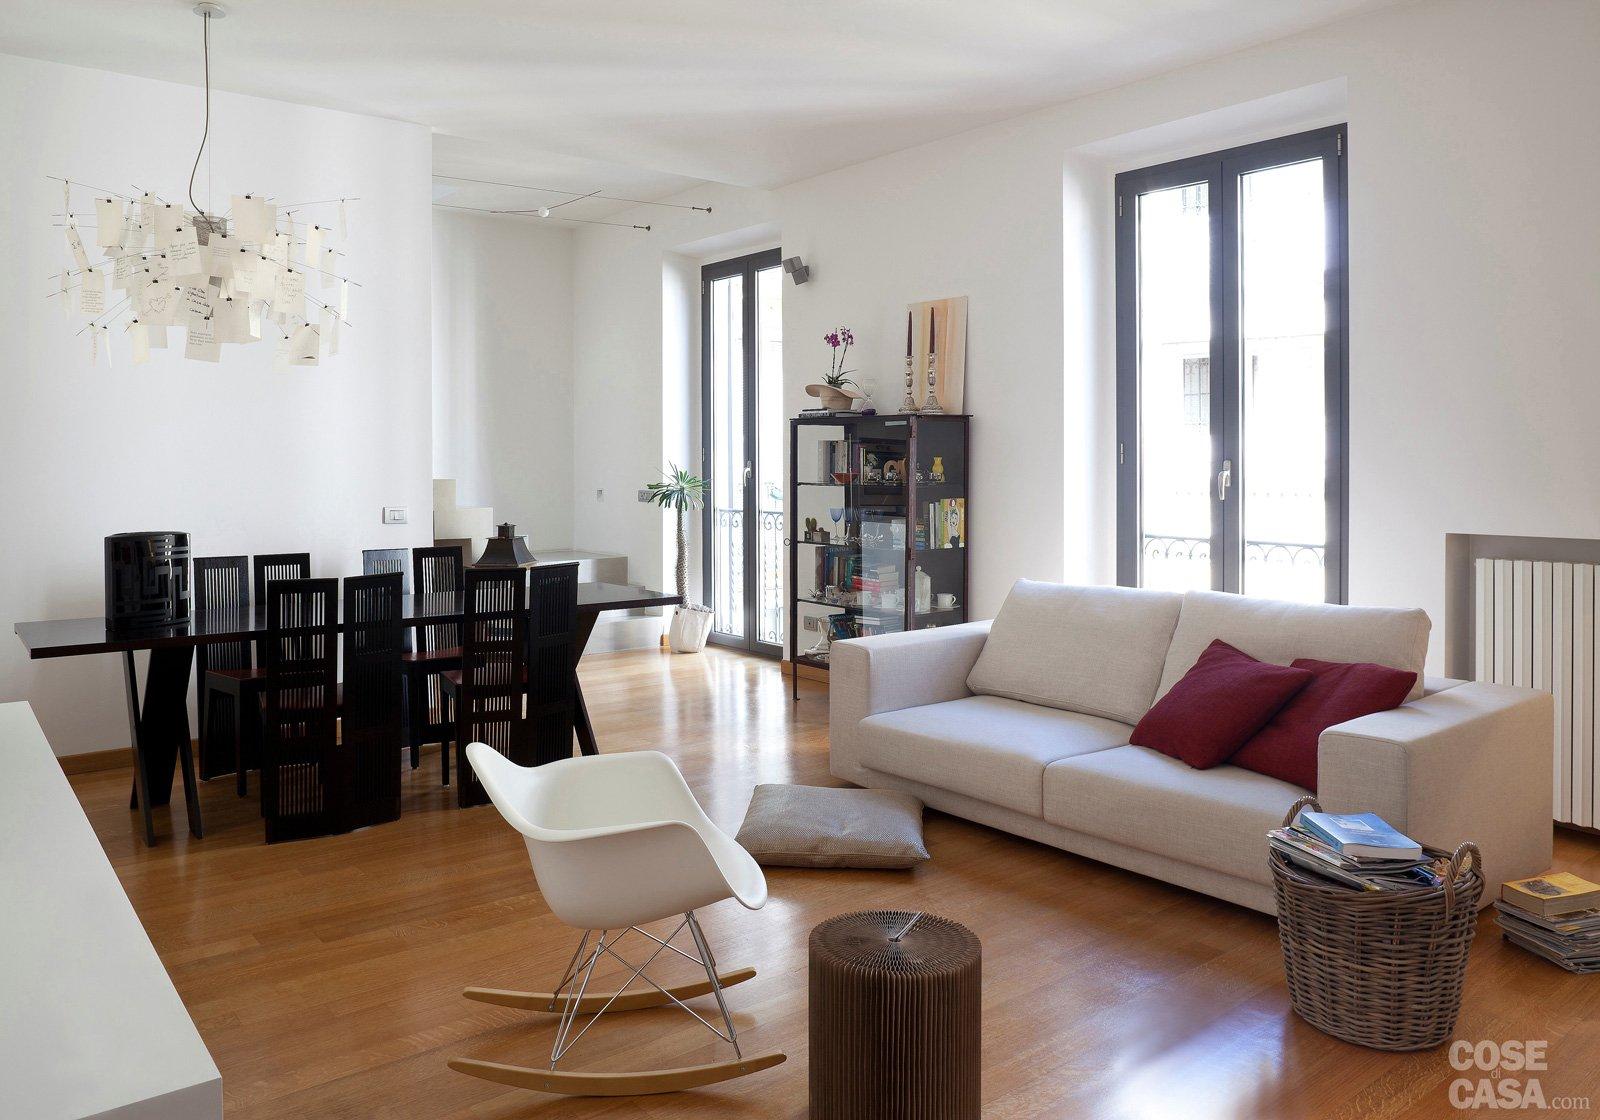 Una casa da copiare 10 idee tra spunti d 39 arredo e decor - Arredo per la casa ...